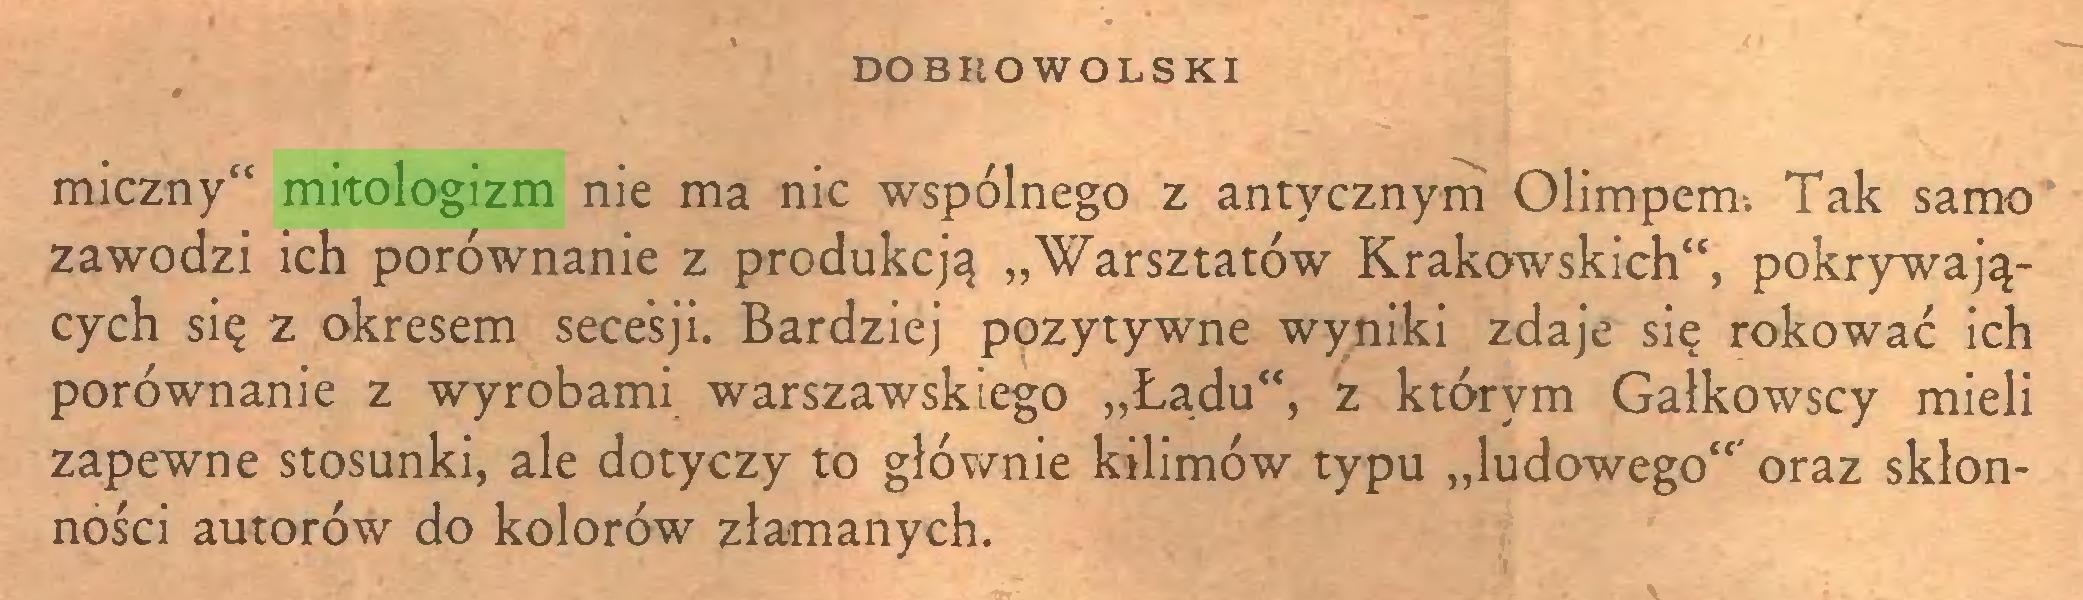 """(...) DOBROWOLSKI miczny"""" mitologizm nie ma nic wspólnego z antycznym Olimpem. Tak samo zawodzi ich porównanie z produkcją """"Warsztatów Krakowskich"""", pokrywających się z okresem secesji. Bardziej pozytywne wyniki zdaje się rokować ich porównanie z wyrobami warszawskiego """"Ładu"""", z którym Gałkowscy mieli zapewne stosunki, ale dotyczy to głównie kilimów typu """"ludowego""""' oraz skłonności autorów do kolorów złamanych..."""